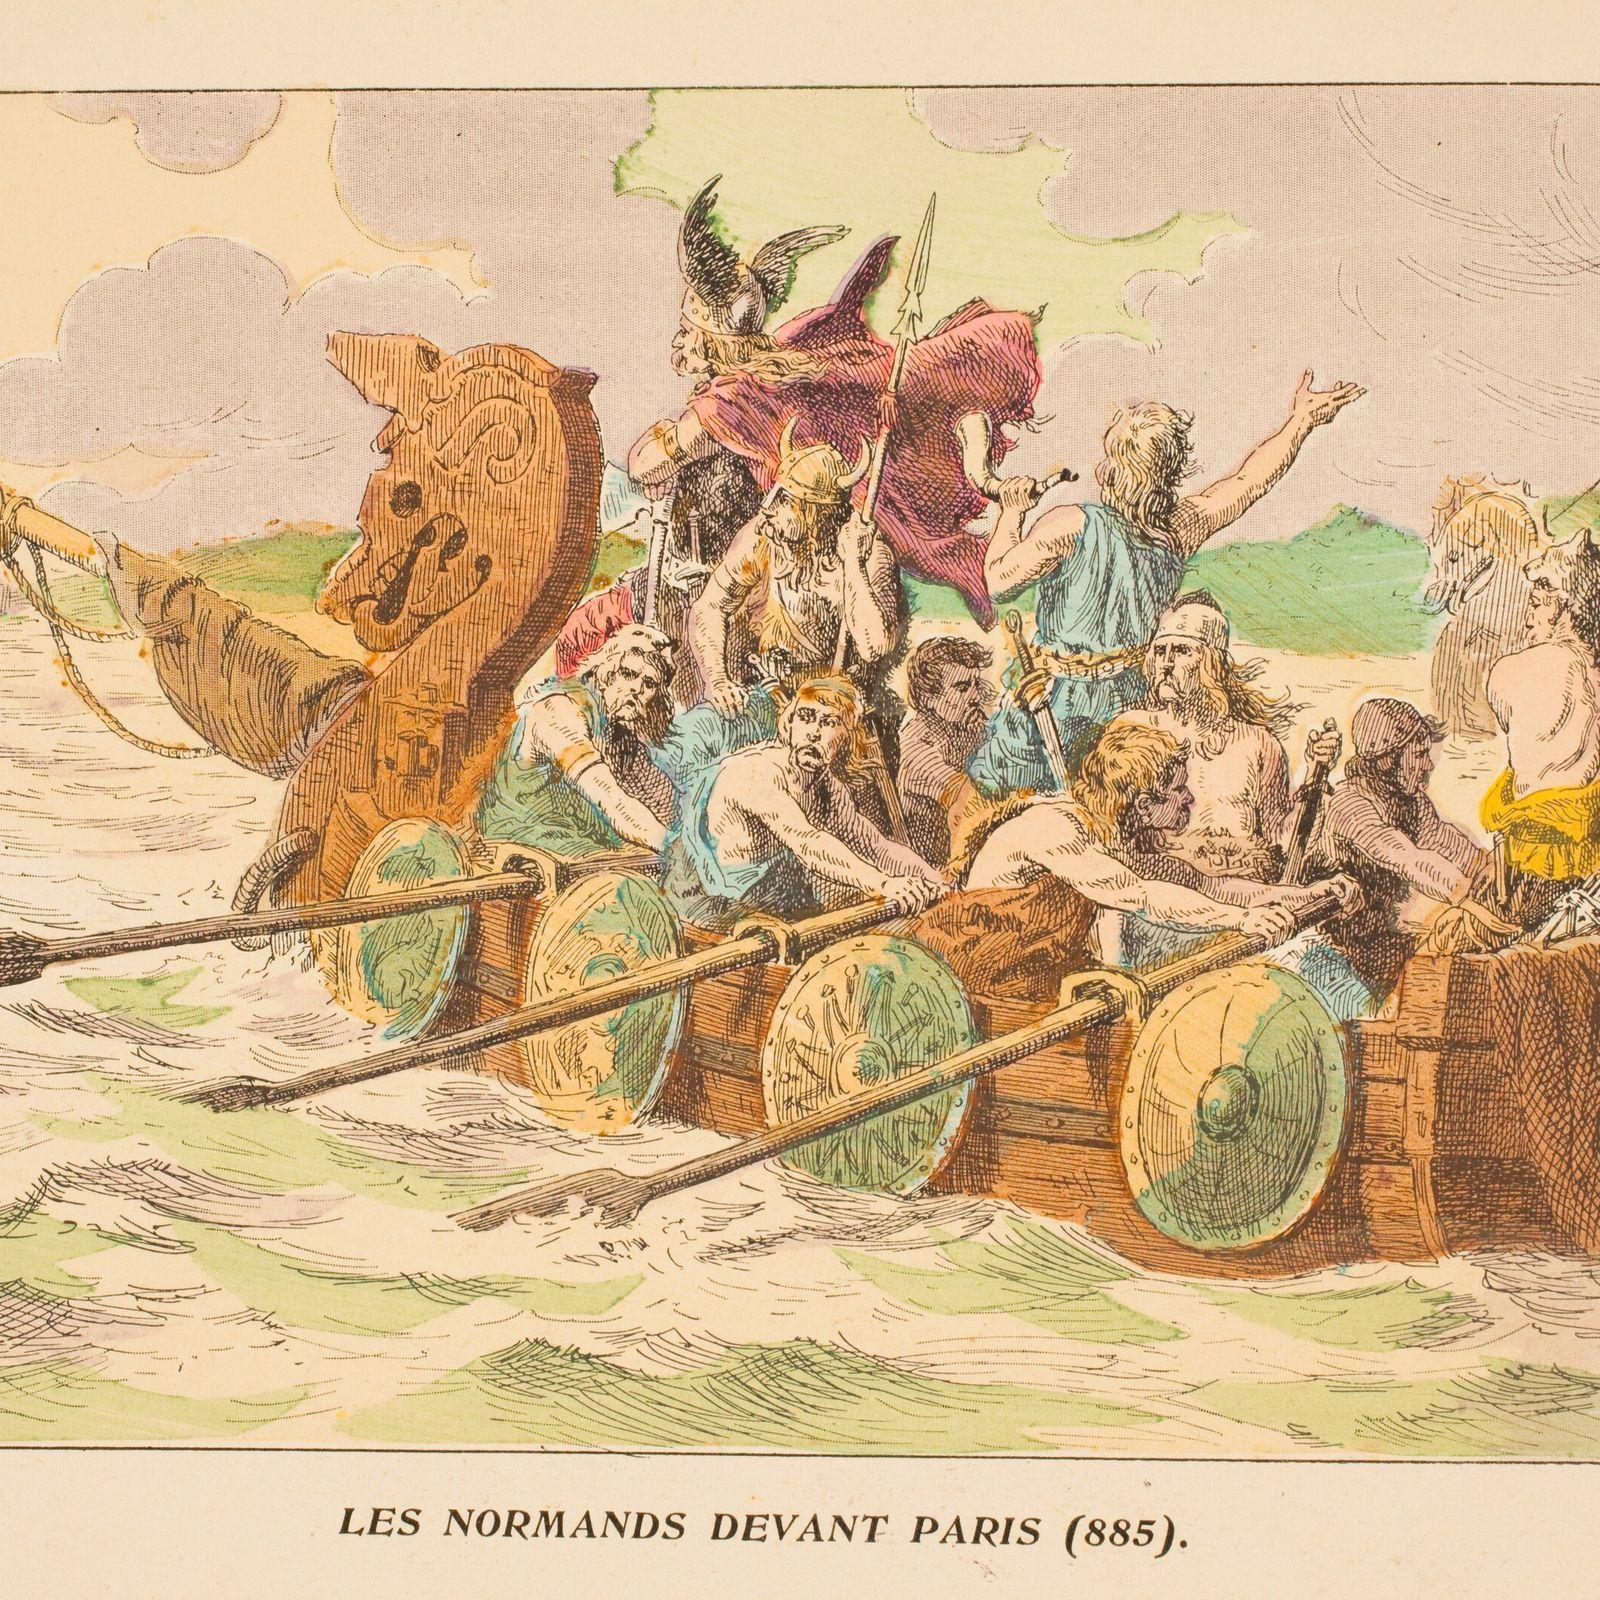 Wikinger auf dem Weg nach Paris: gemalte Darstellung aus dem 19. Jahrhundert